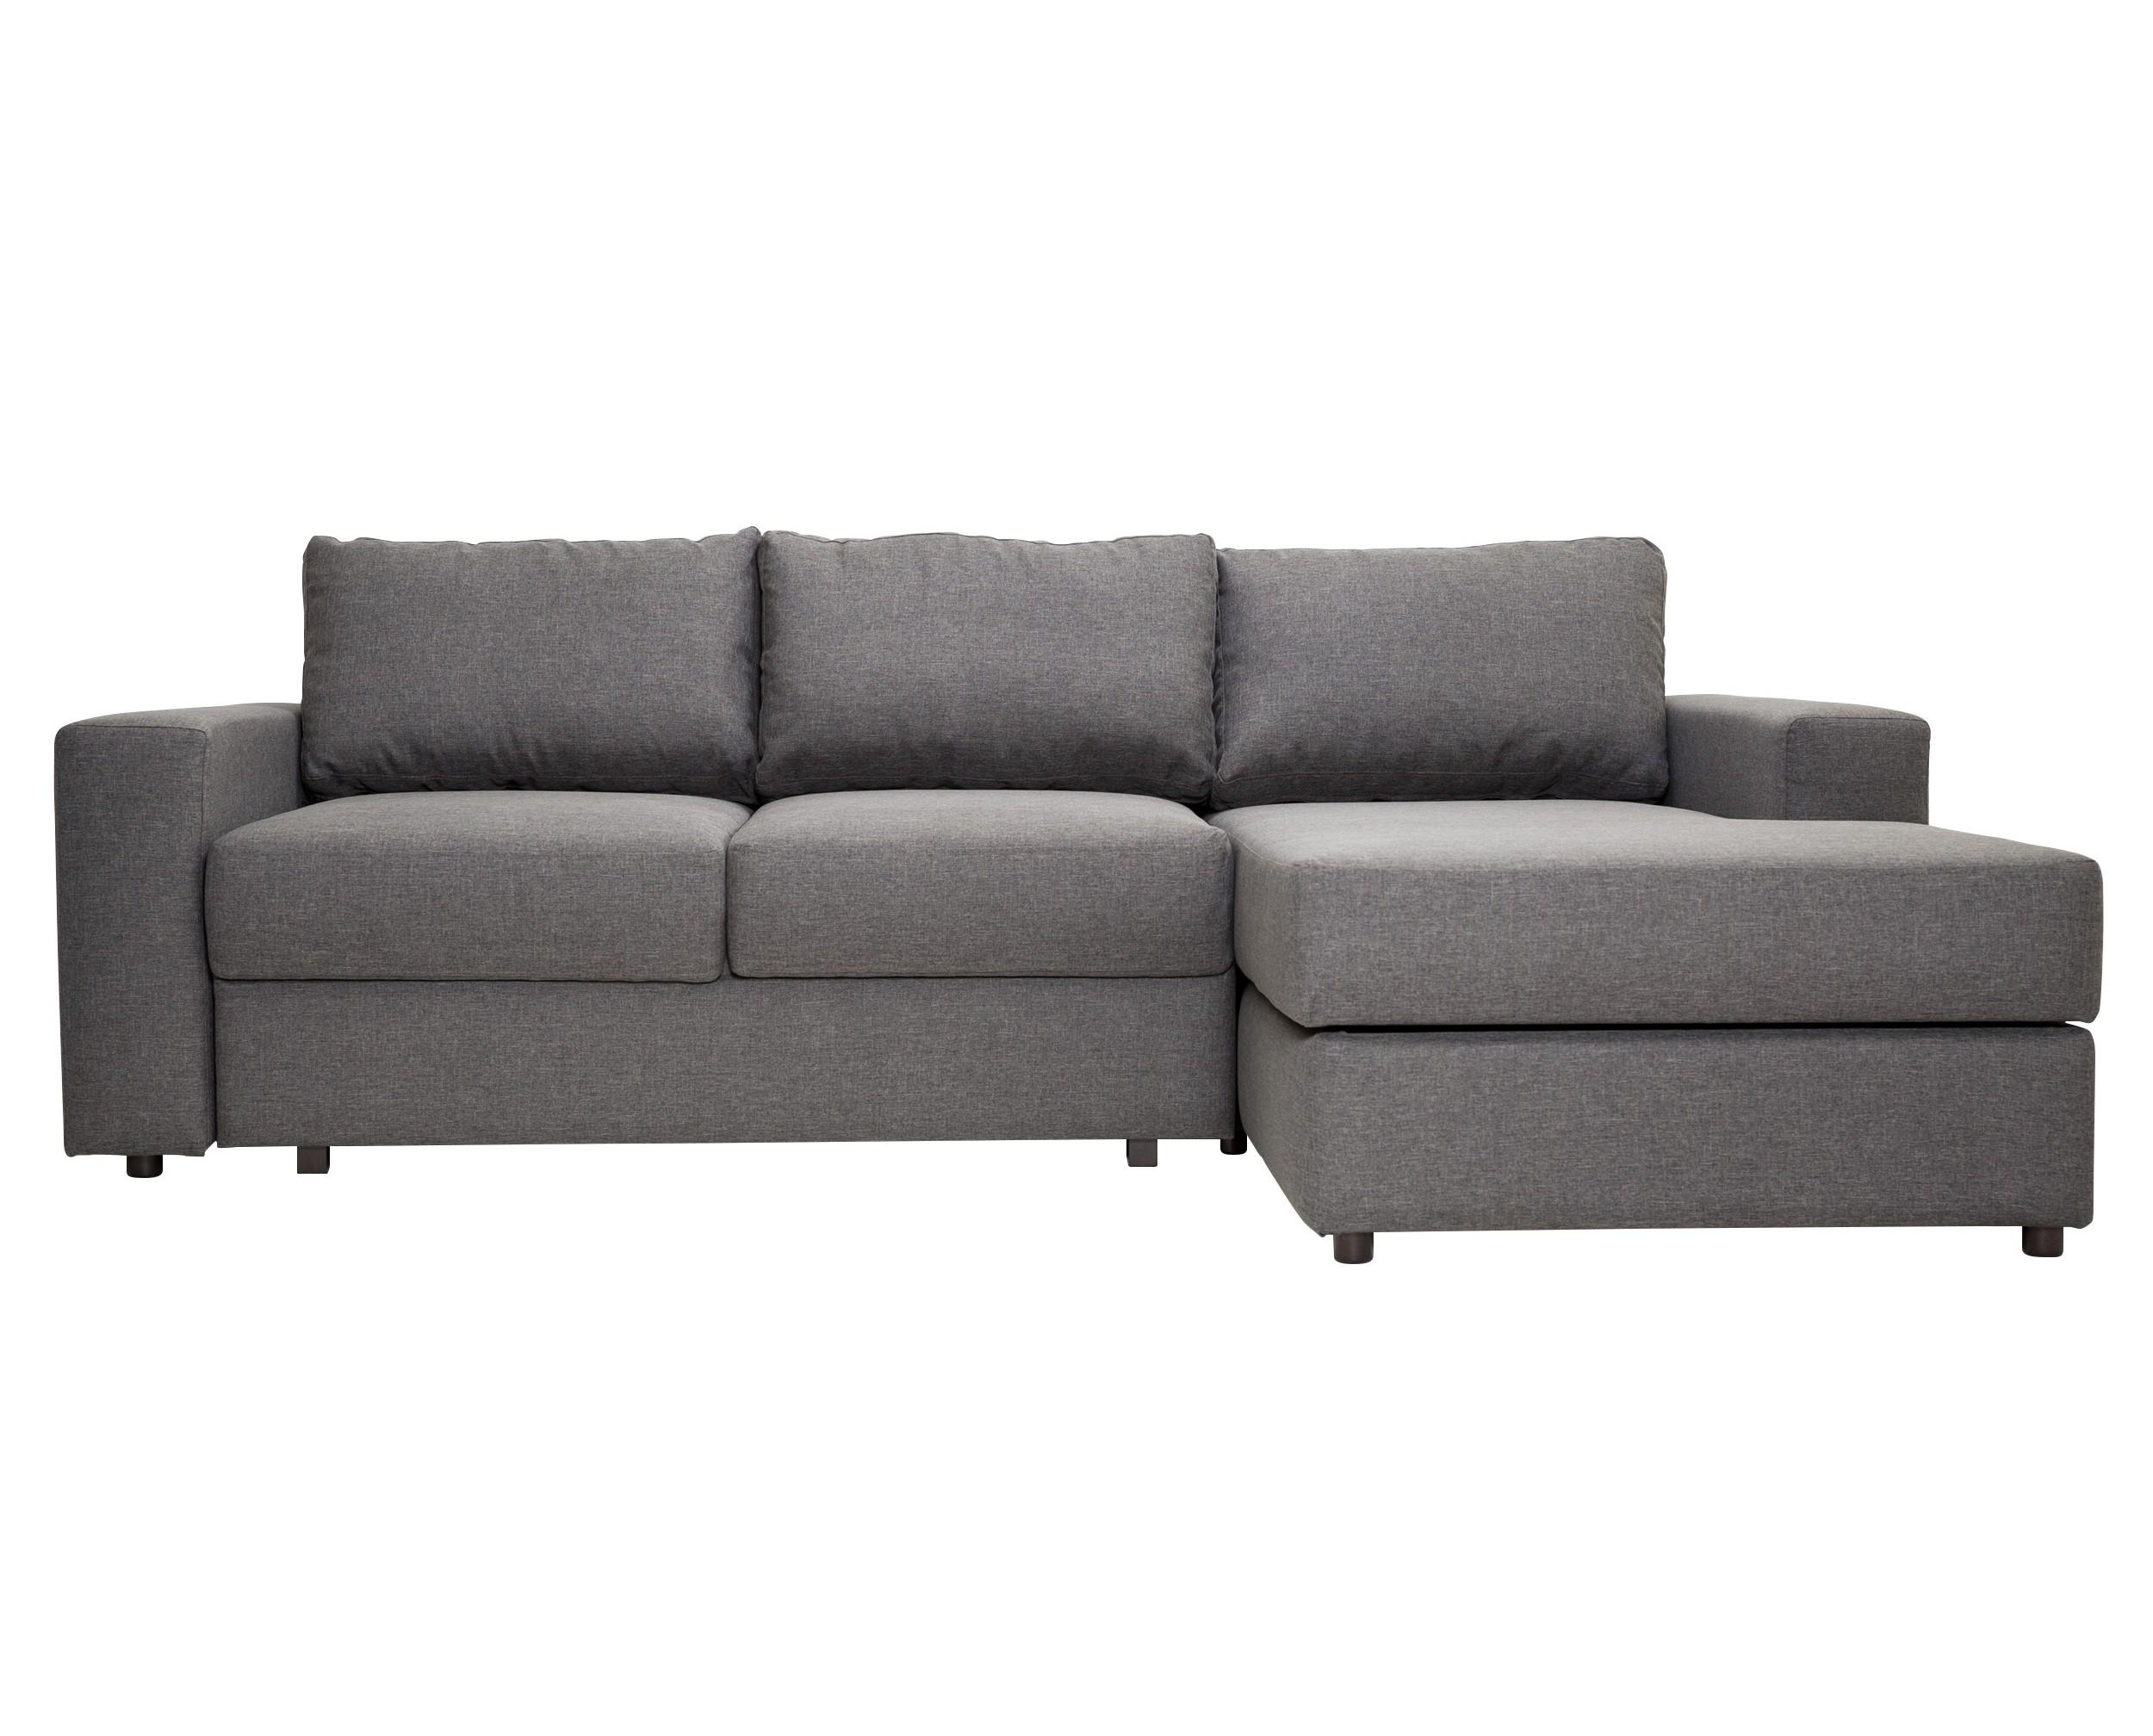 угловые раскладные диваны купить в интернет магазине The Furnish